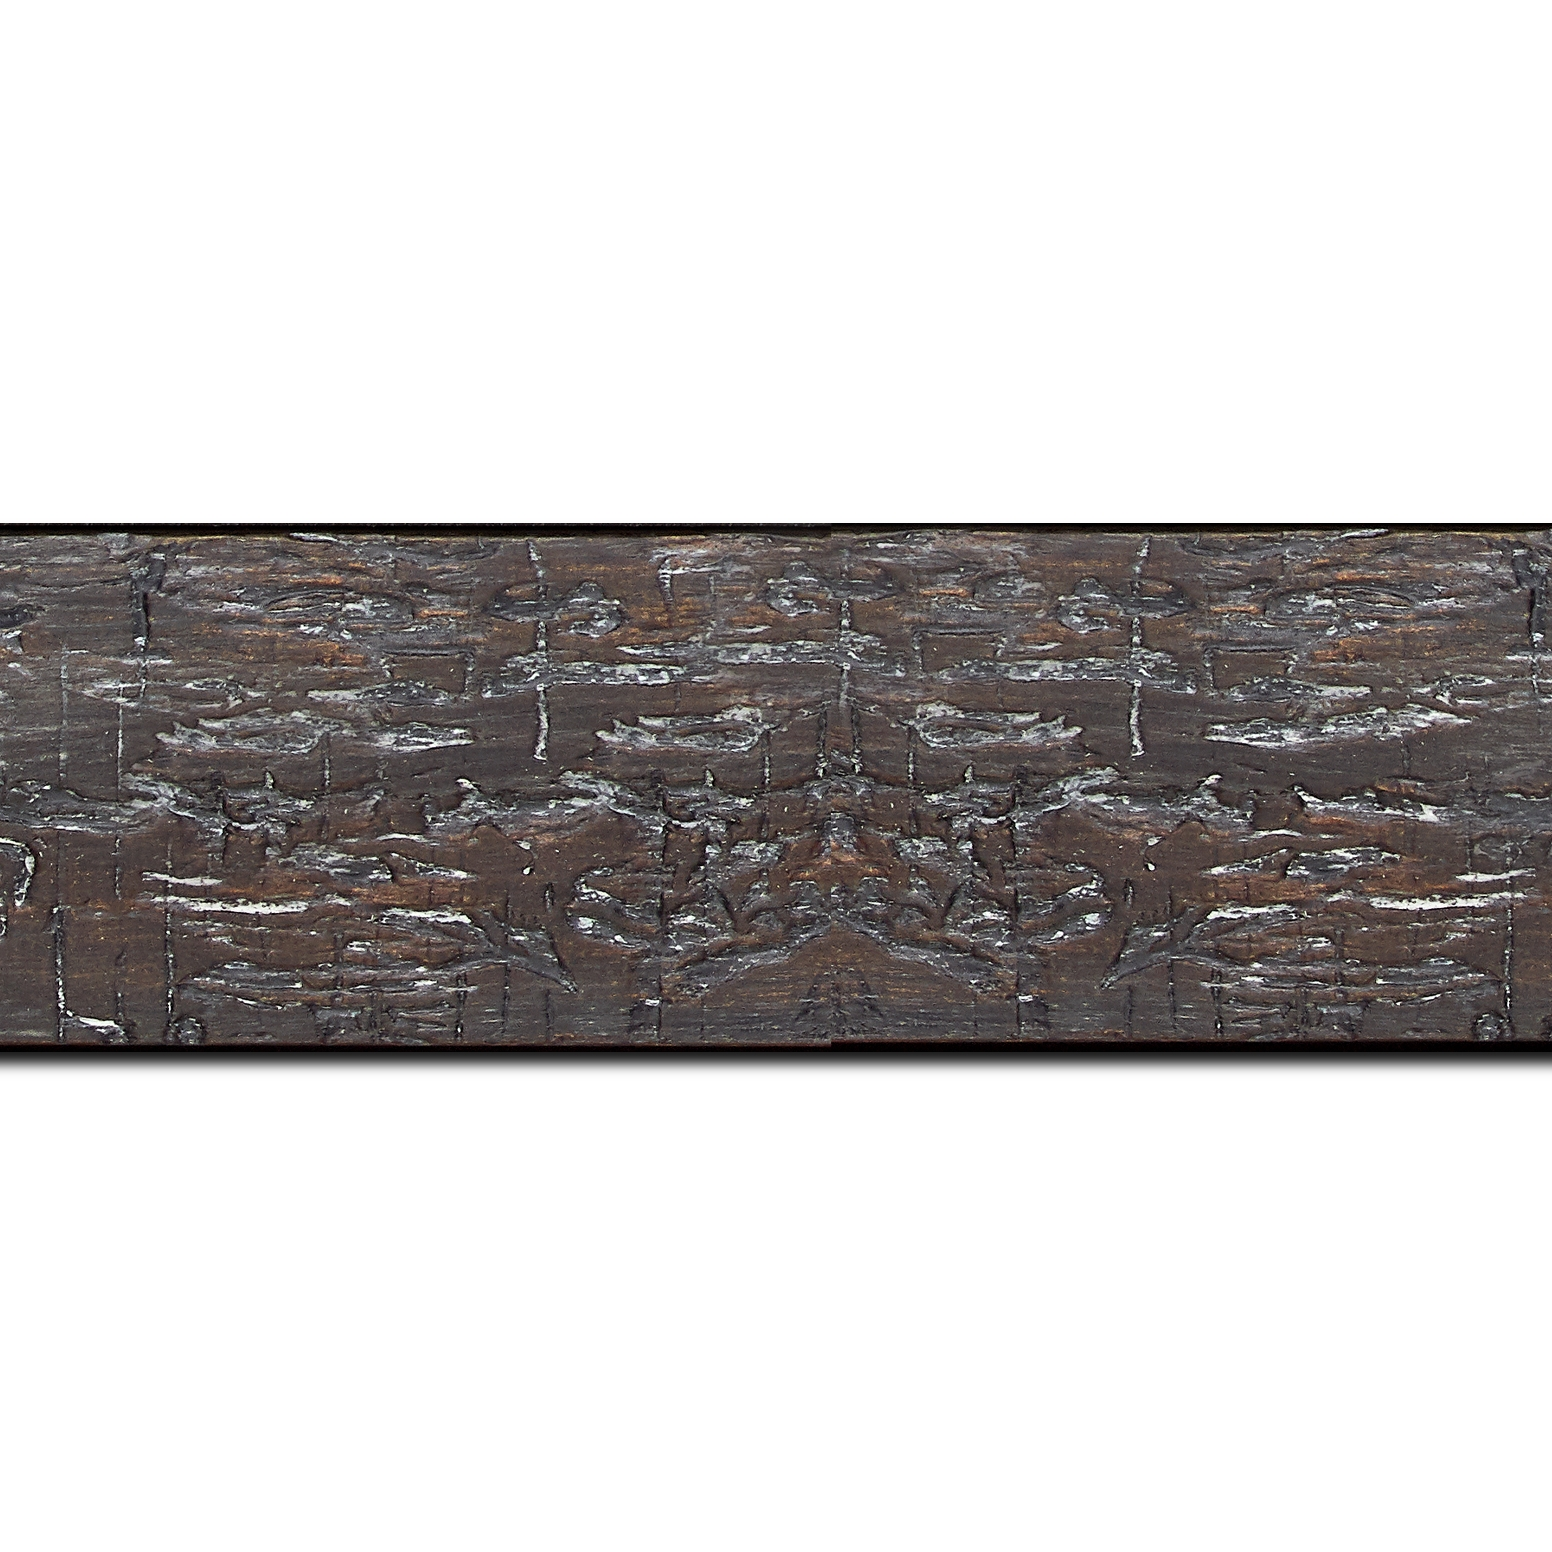 Baguette longueur 1.40m bois profil plat largeur 5cm couleur noir anthracite finition bois brut aspect palette